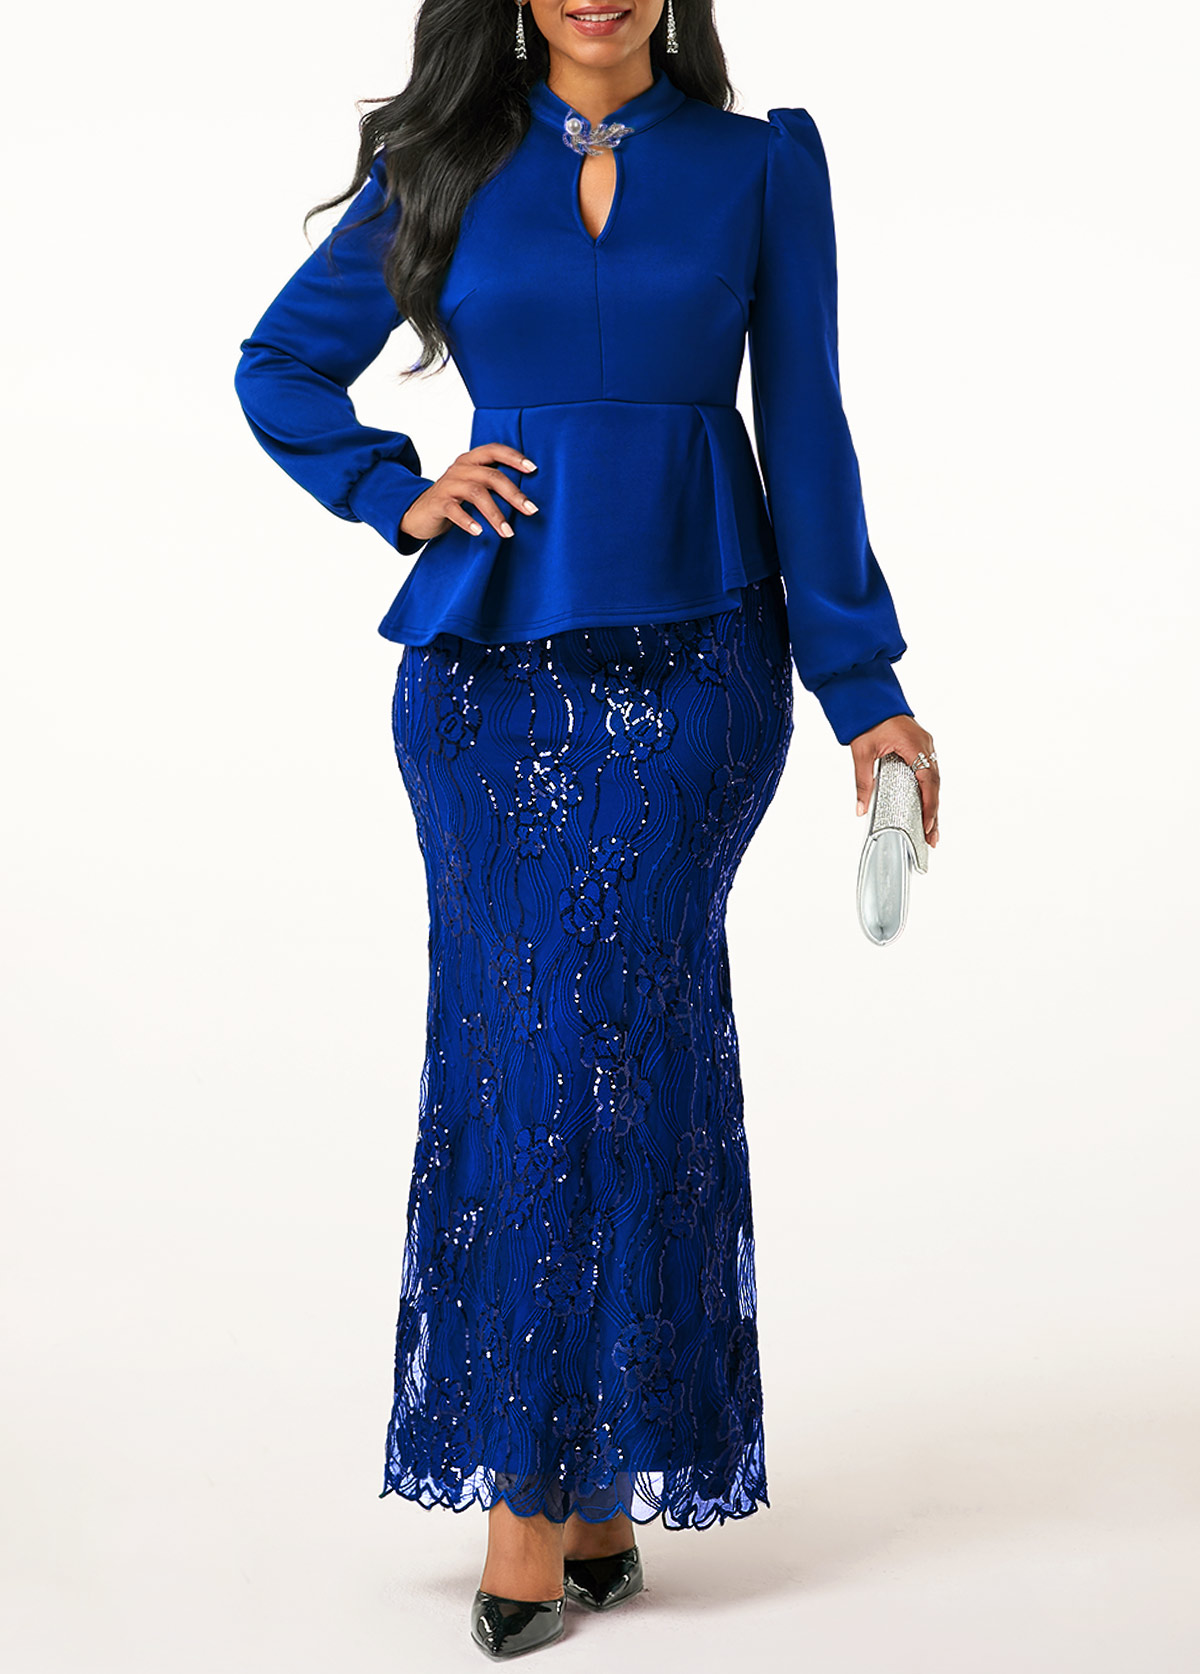 Peplum Waist Lace Patchwork Royal Blue Dress